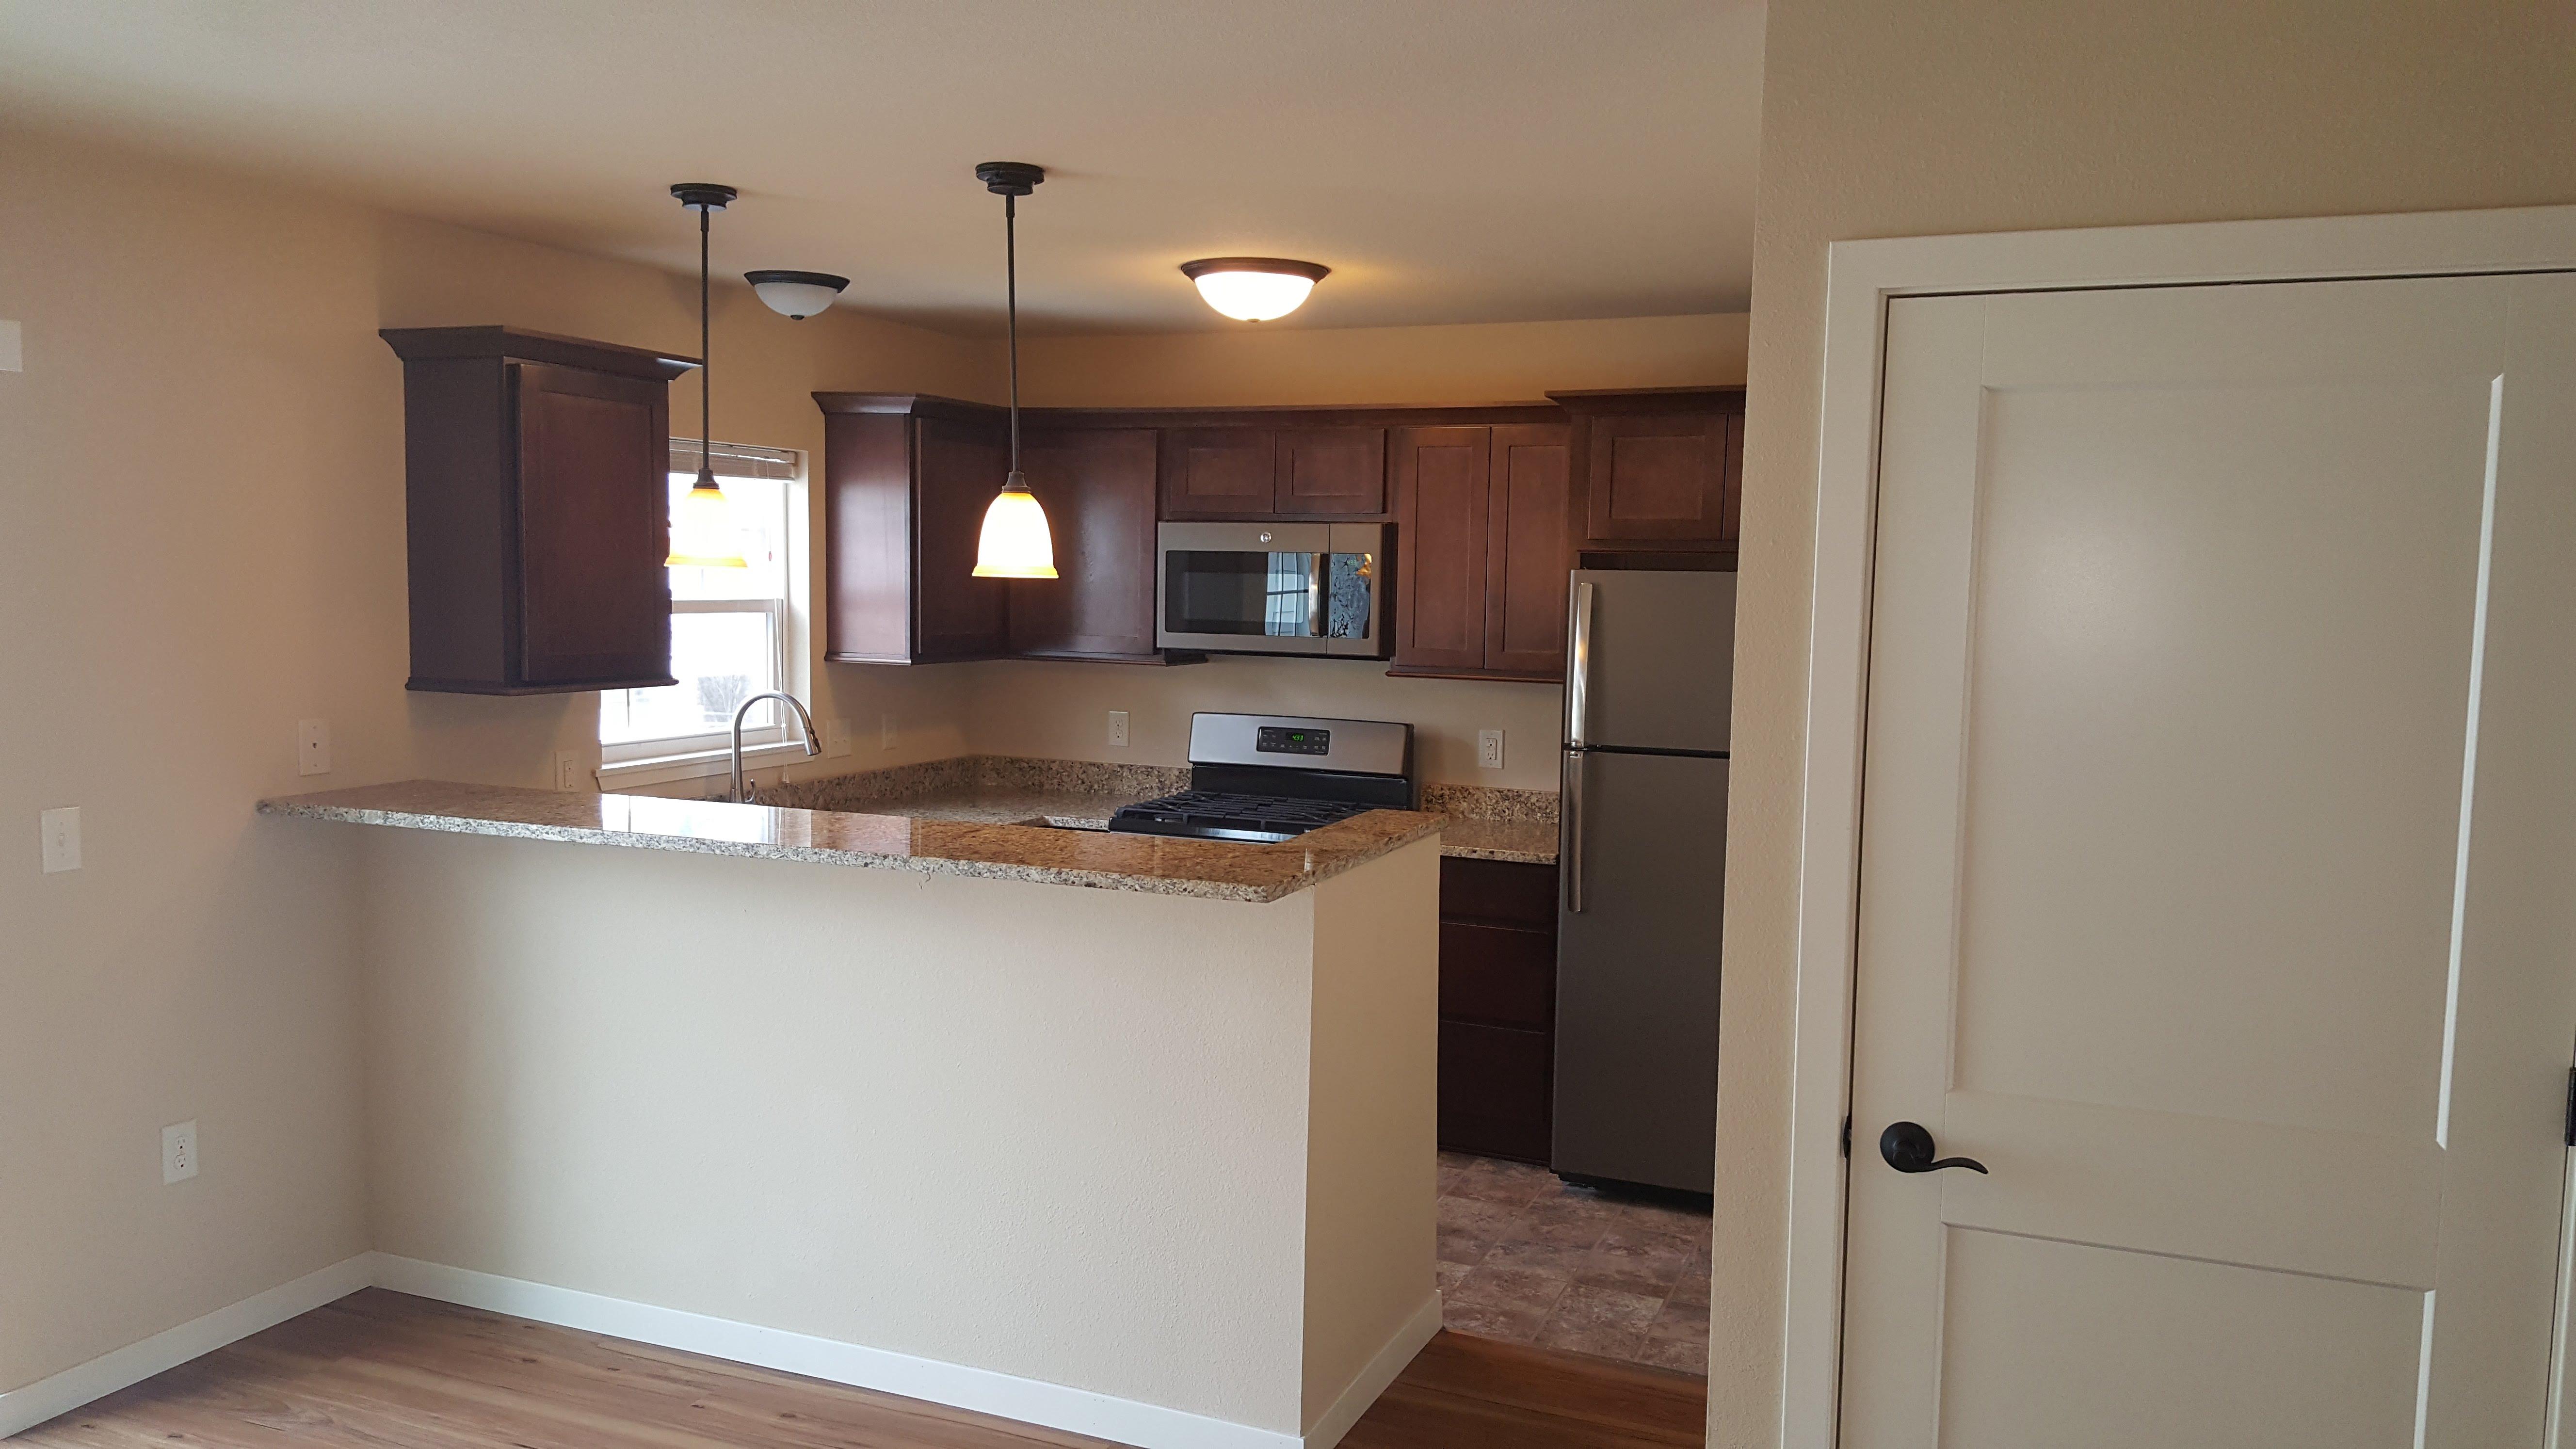 Lexington Point Apartments image 5